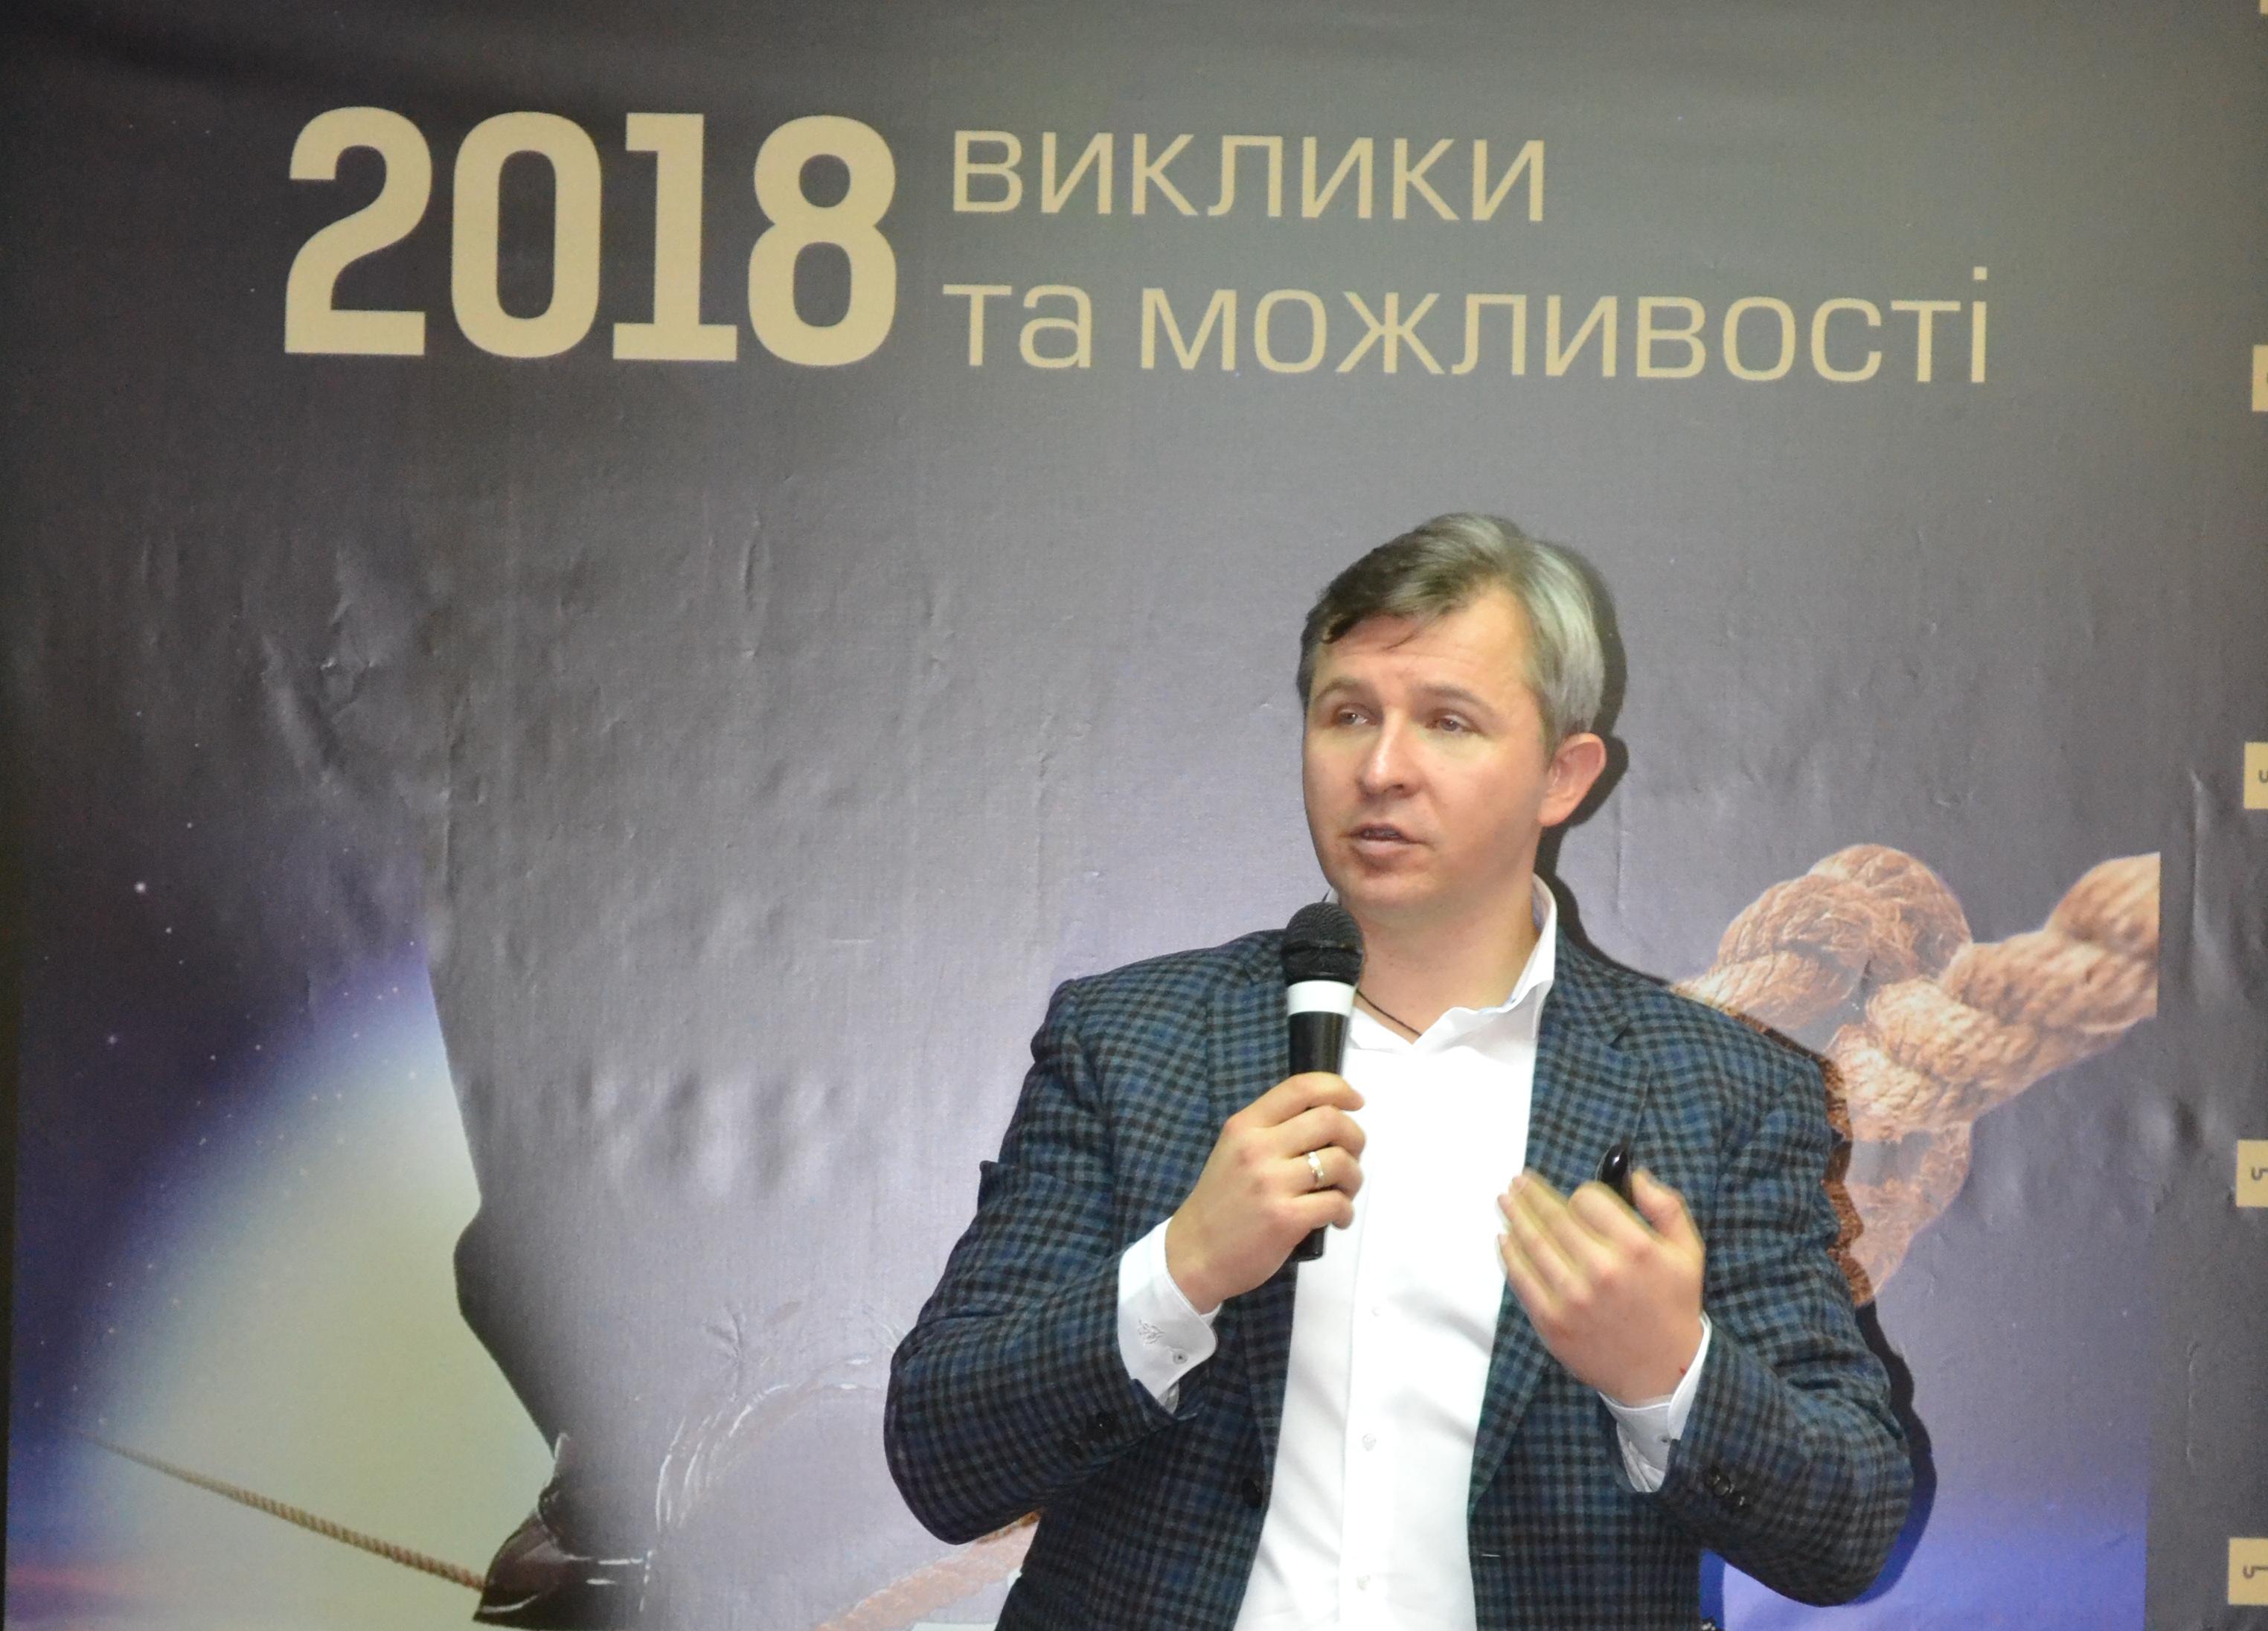 соучредители UIF Анатолий Амелин и Юрий Романенко рассказали, что нас ждет в 2018 году в сфере экономики и политики